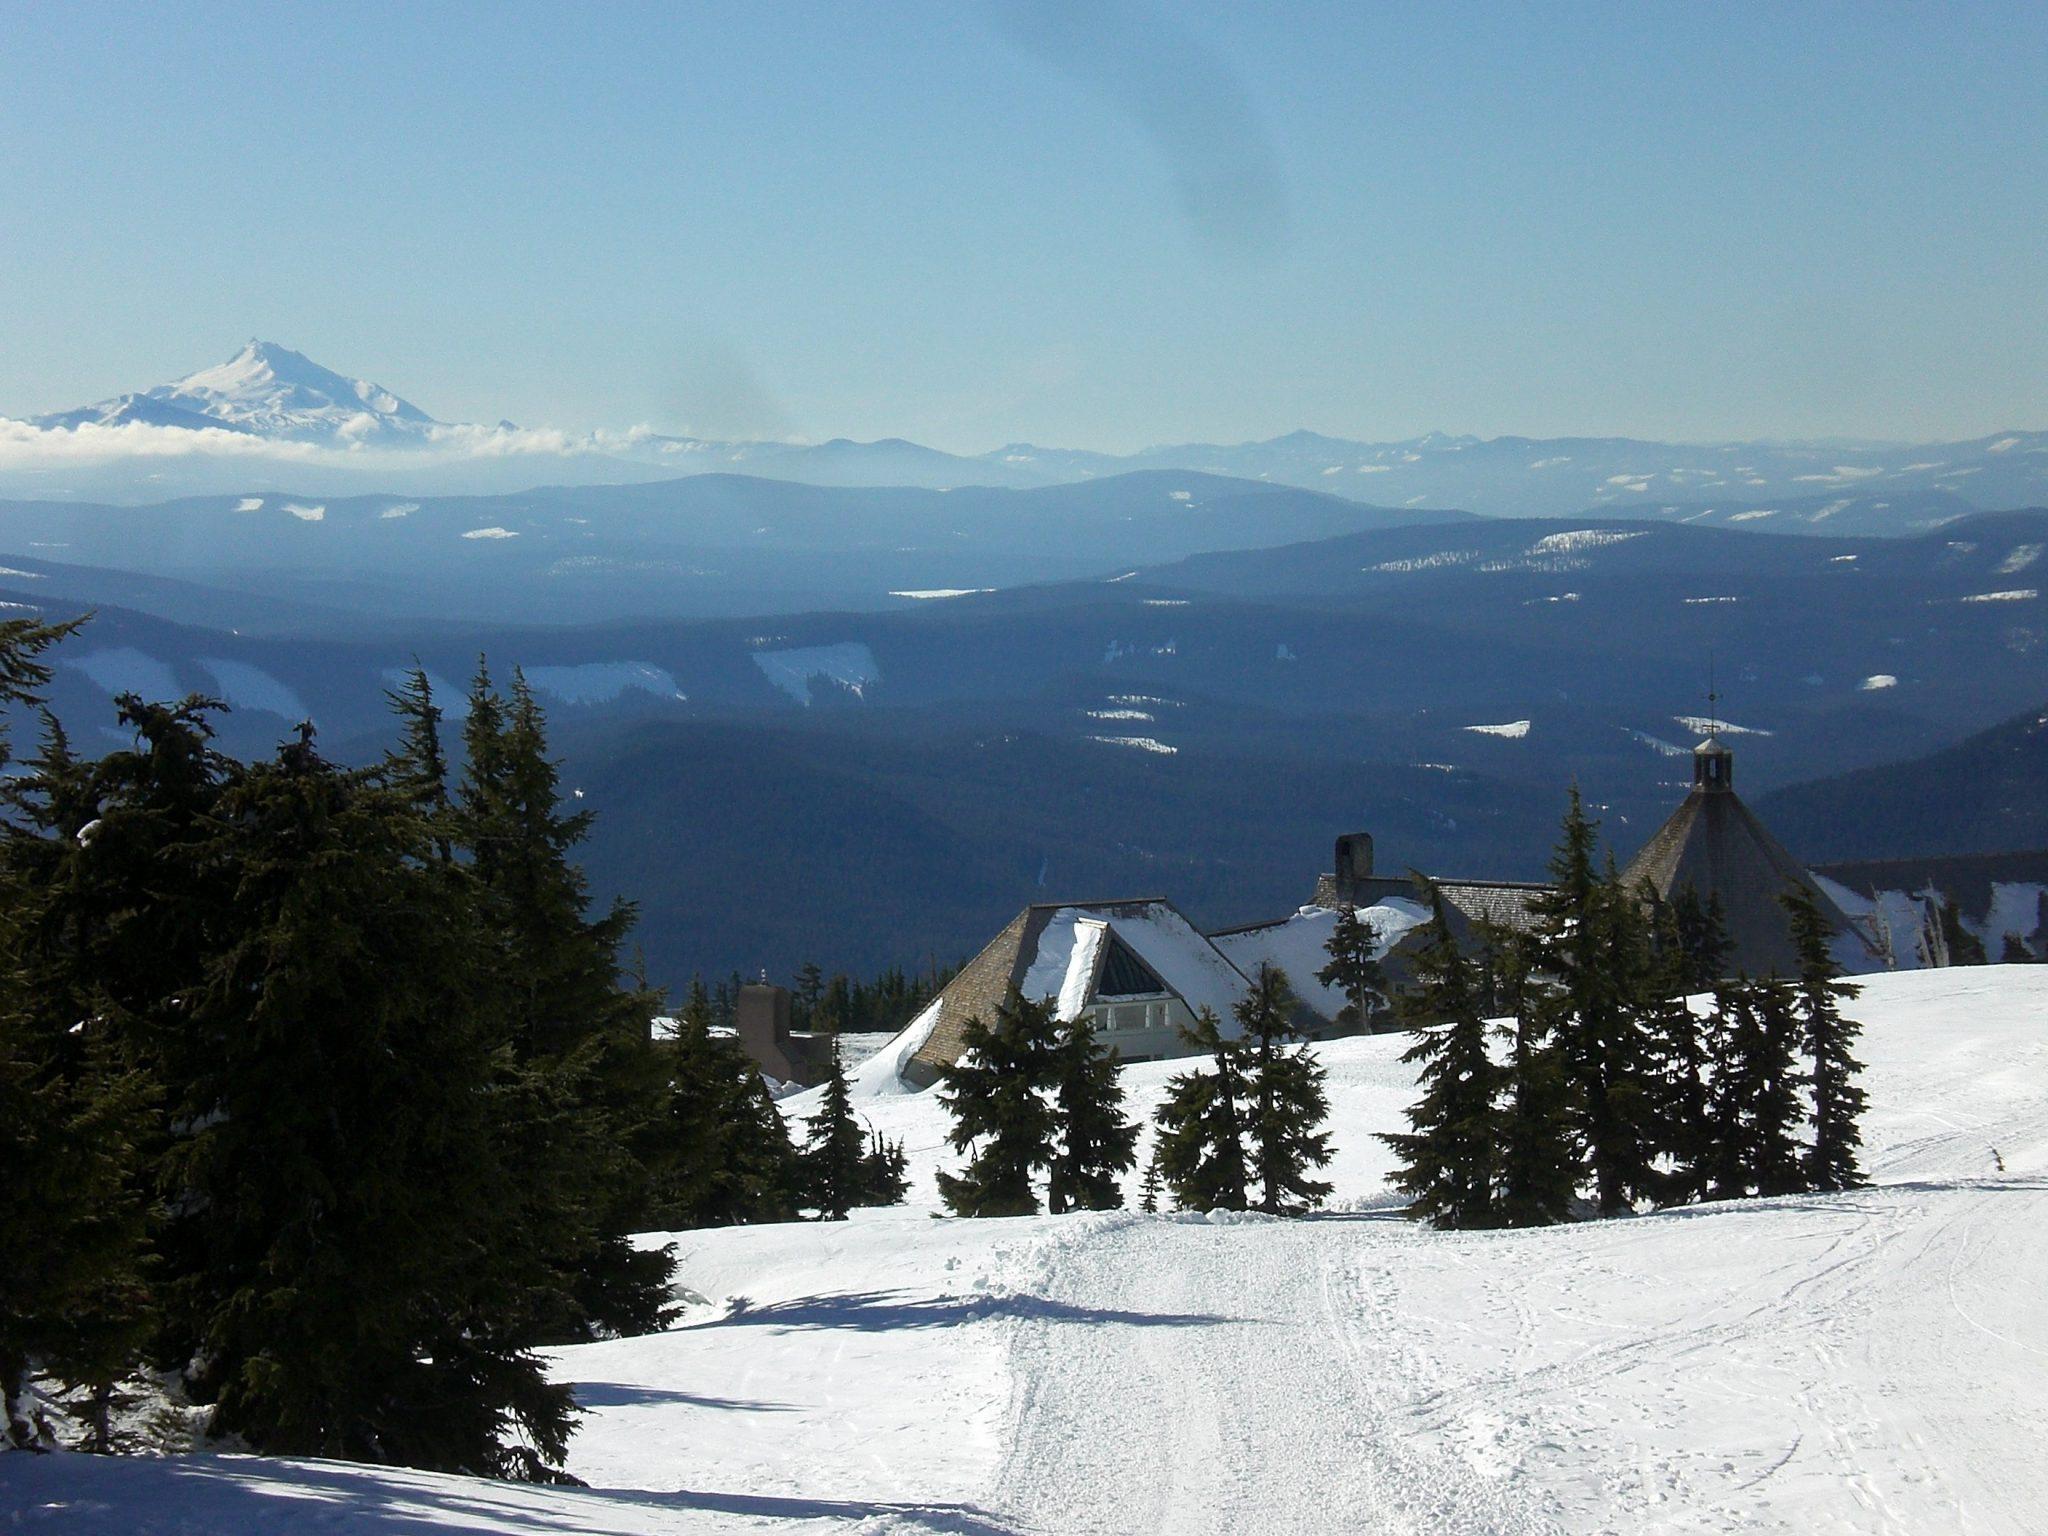 Timberline Lodge - Portland, Oregon